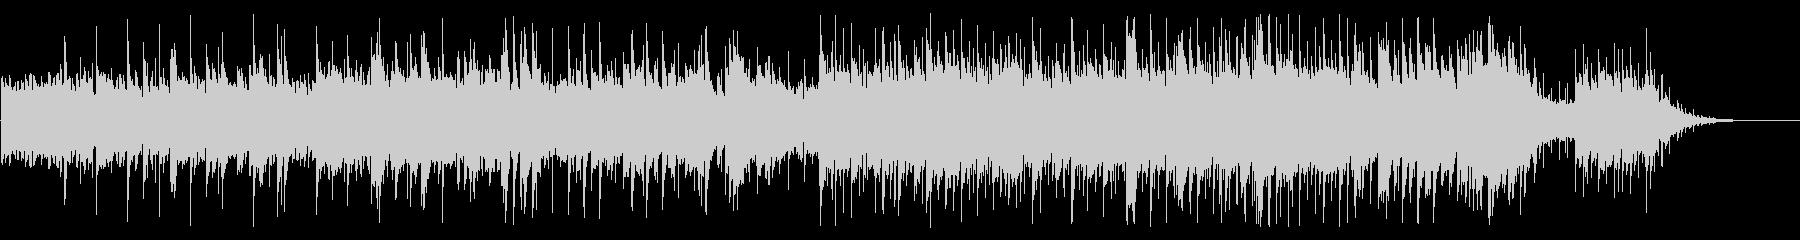 ピアノのアルペジオの穏やかな曲の未再生の波形